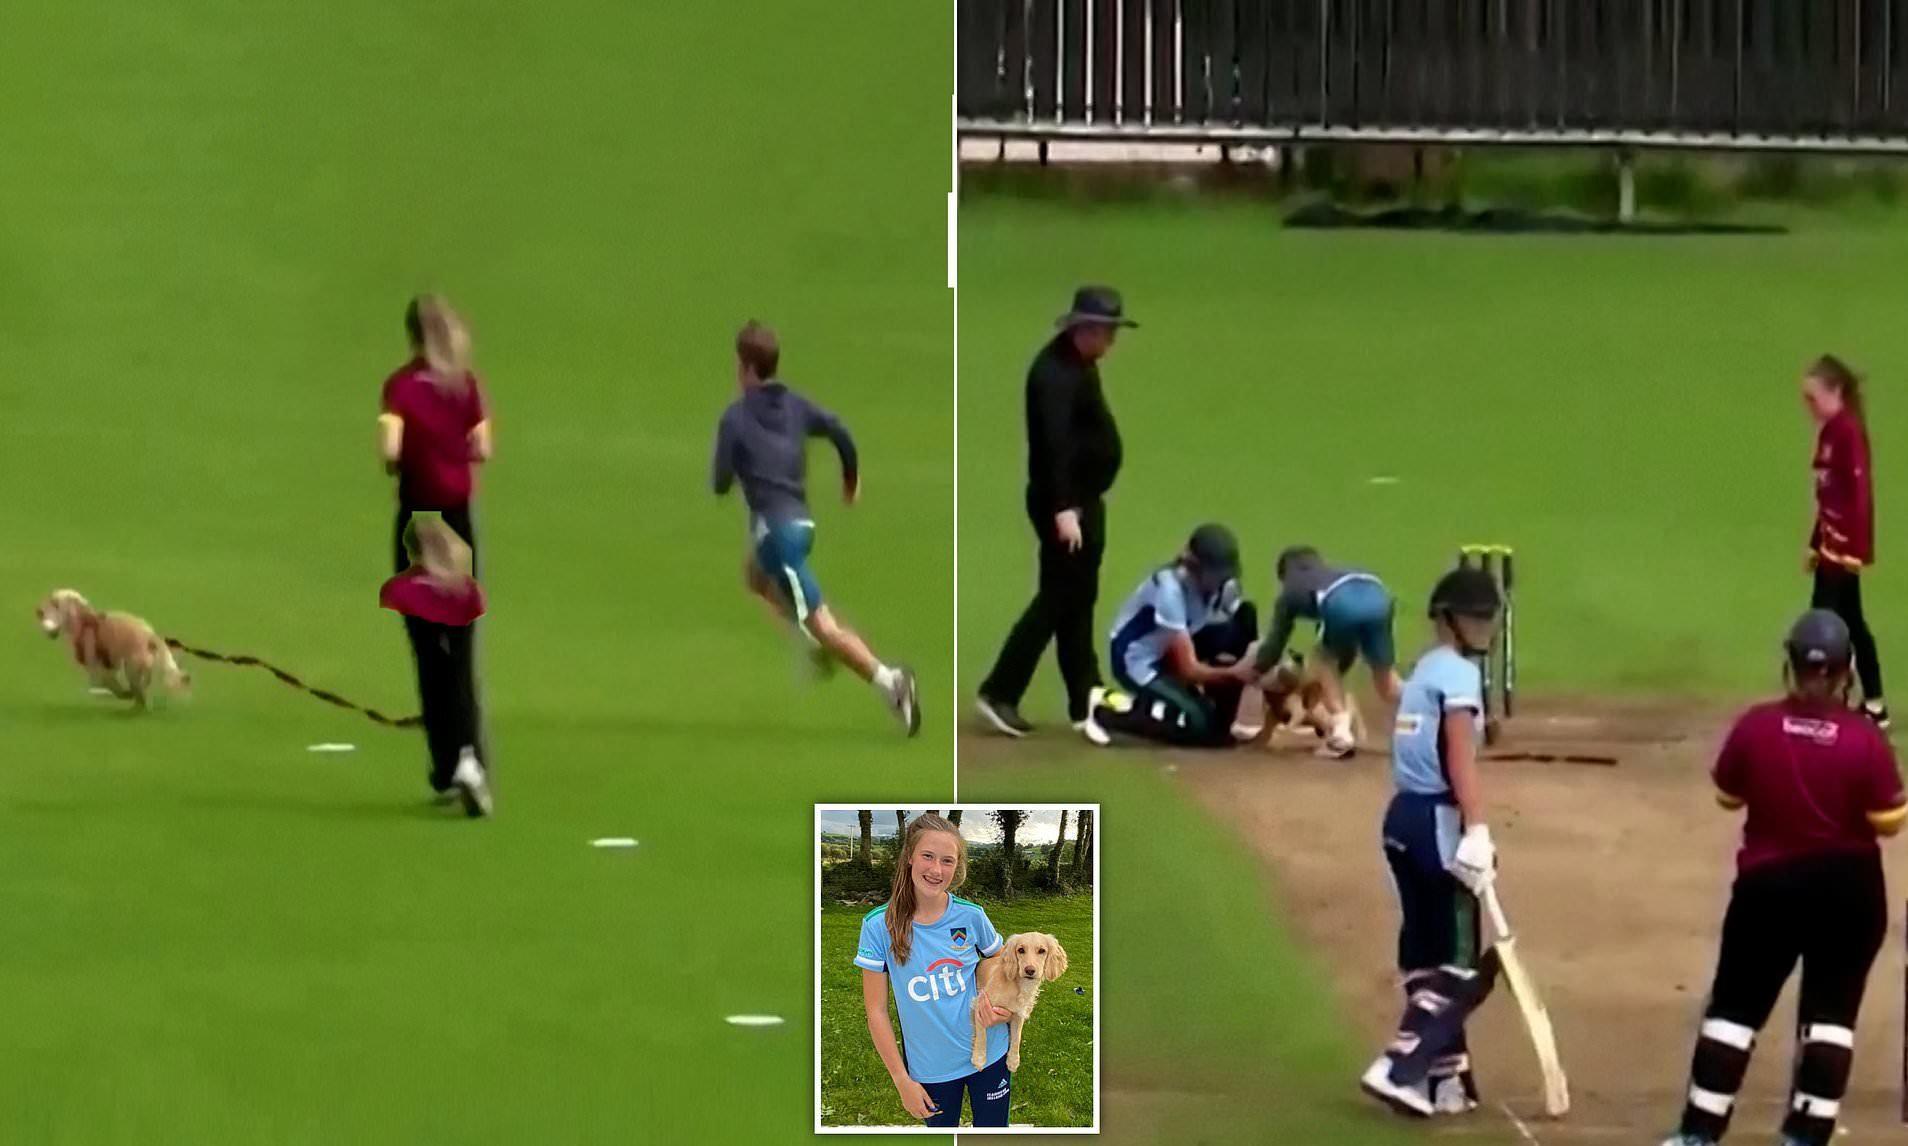 Khoảnh khắc hài hước chó chạy vào cướp bóng của người chơi giữa trận đấu